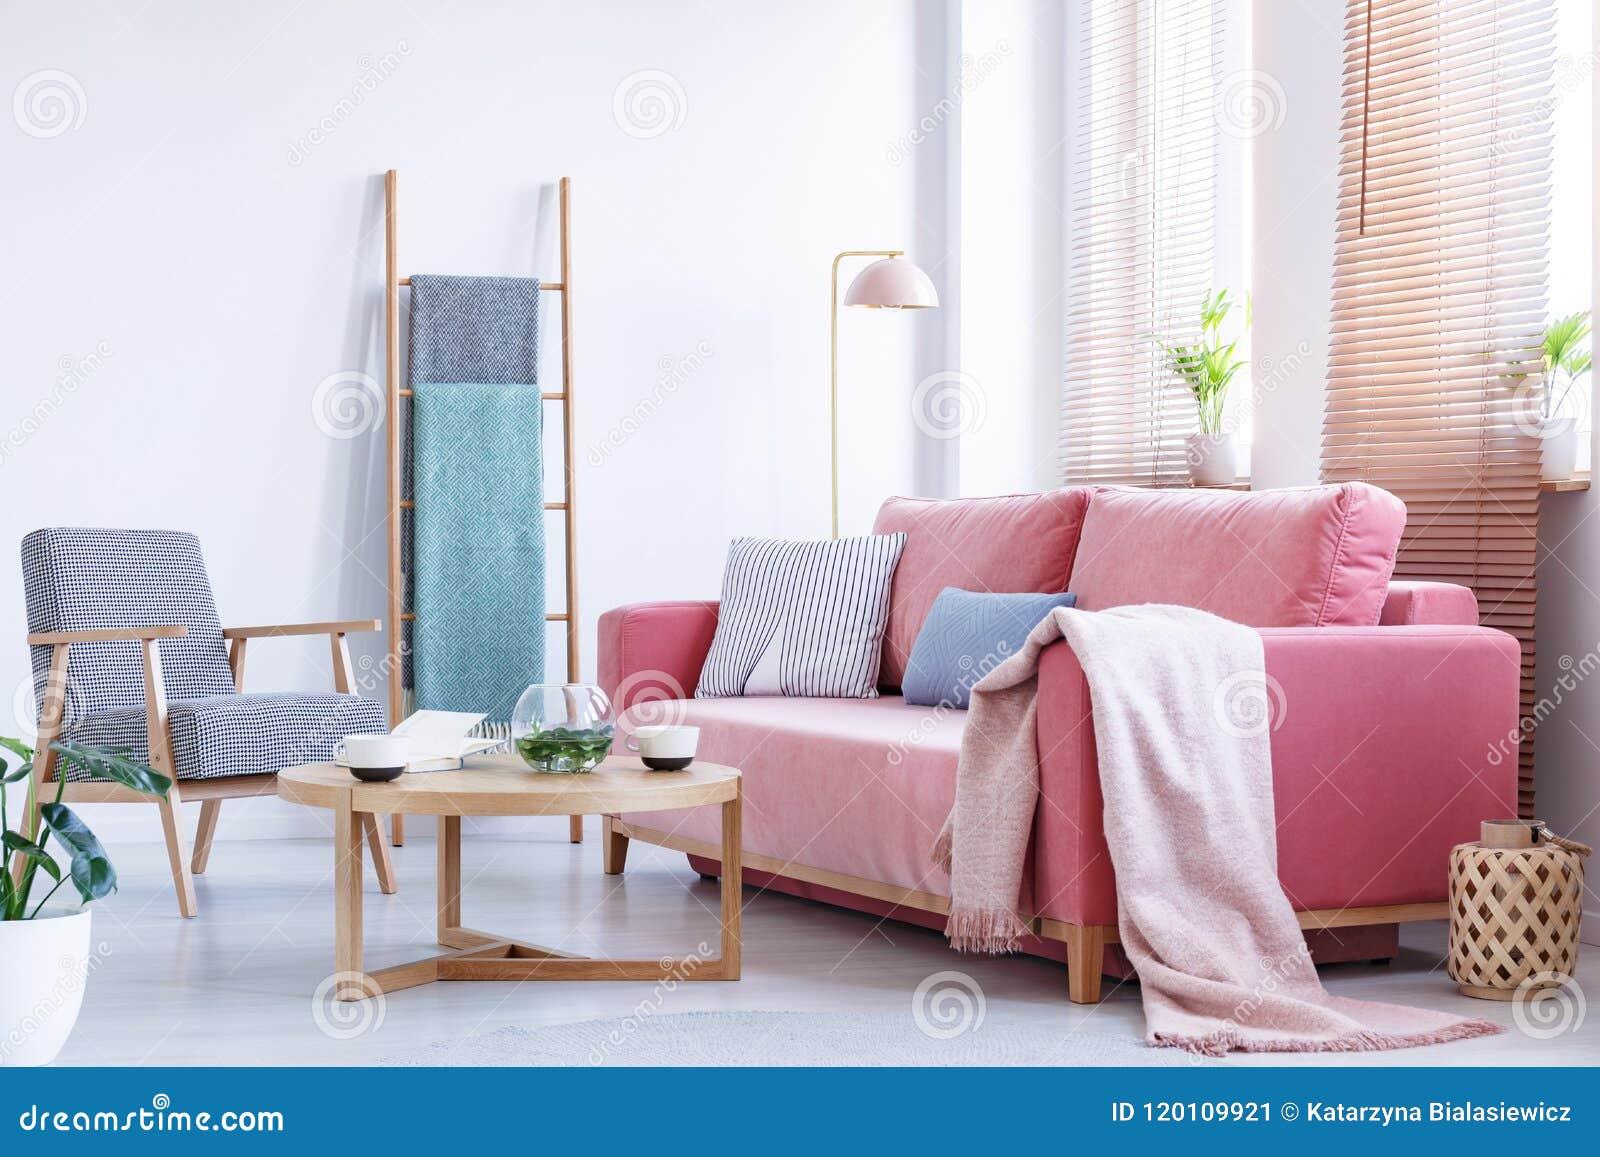 Vraie photo un divan rose avec des coussins et couverture se tenant dans a